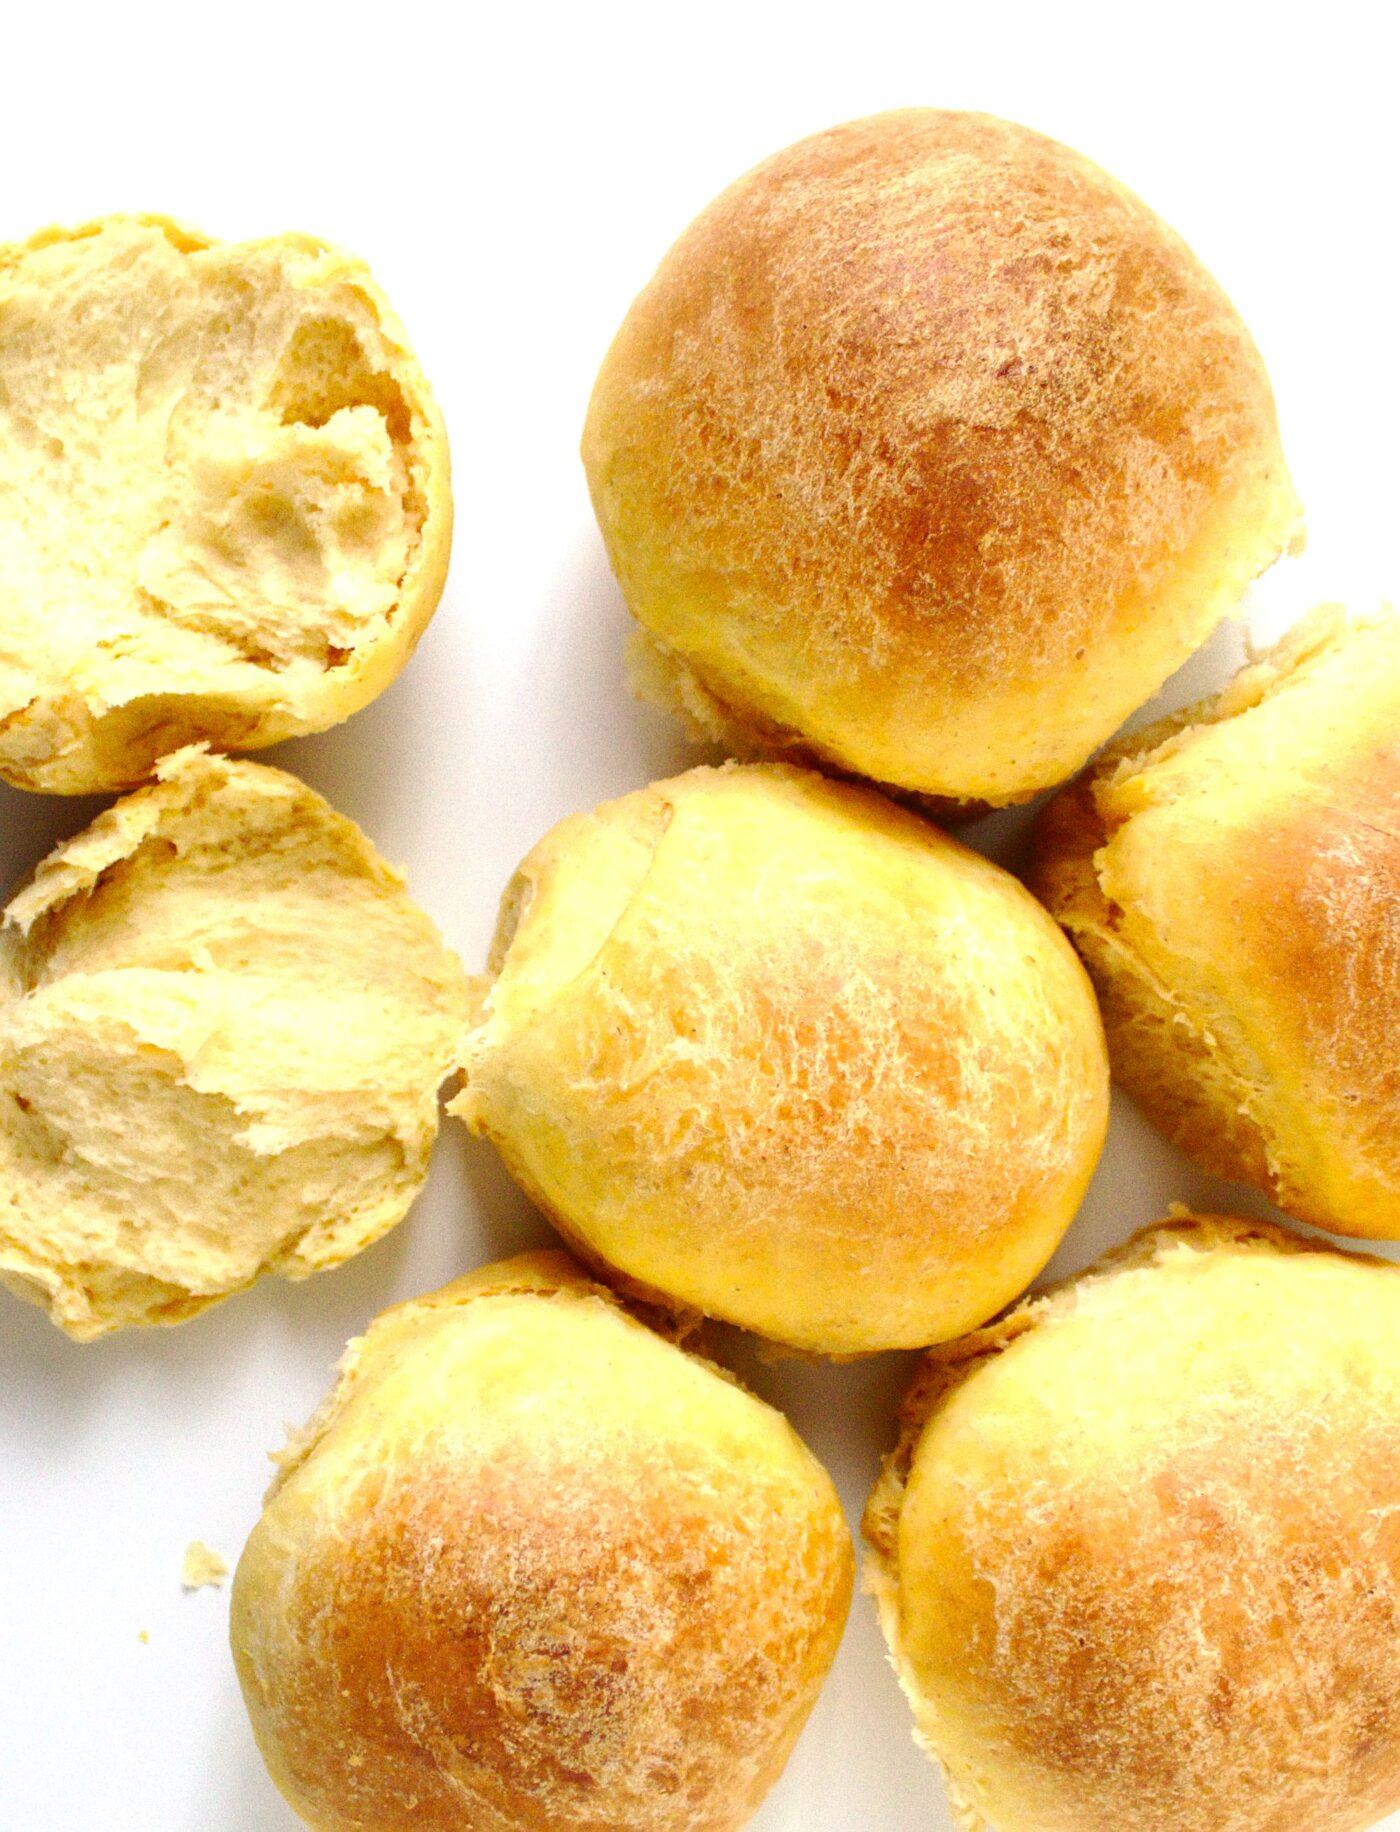 Puszyste słodkie bułki pszenne z ziemniakami, batatami